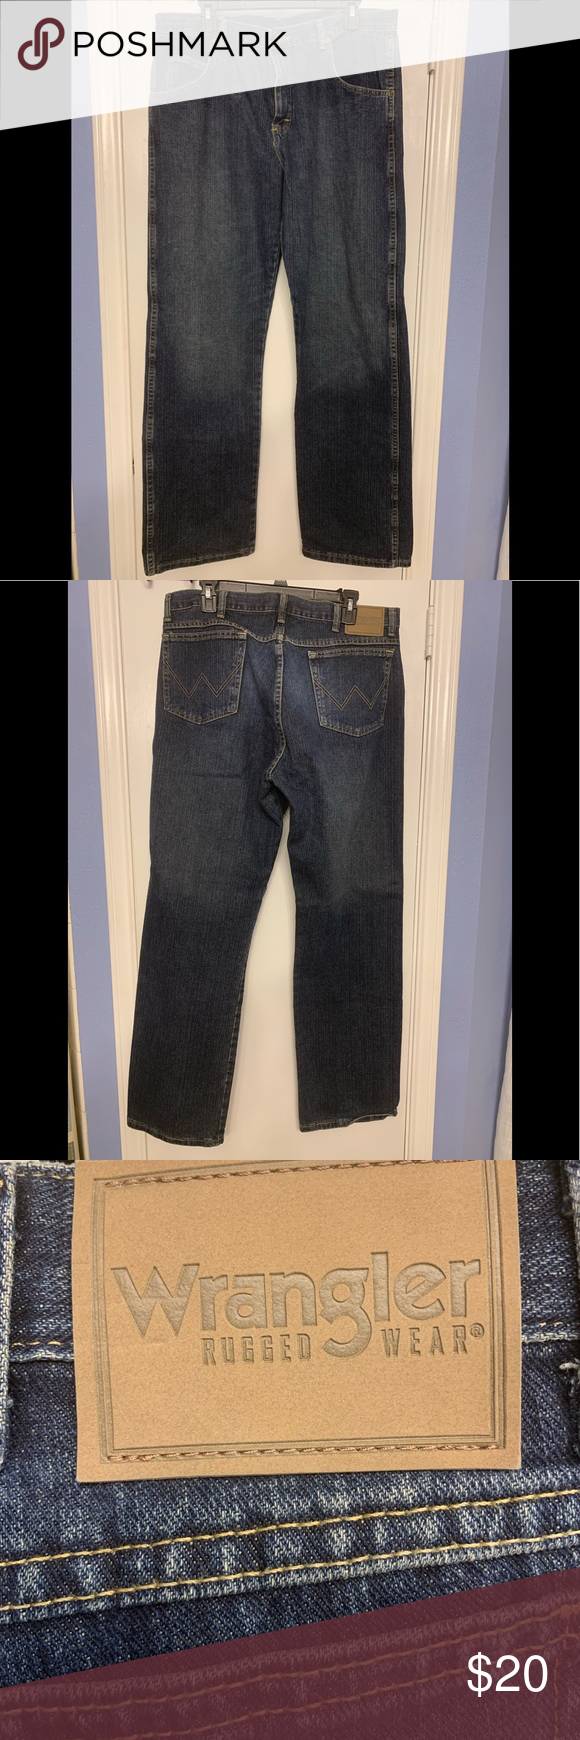 Men S Wrangler Rugged Wear Jeans How To Wear Jeans Wear Wrangler Jeans